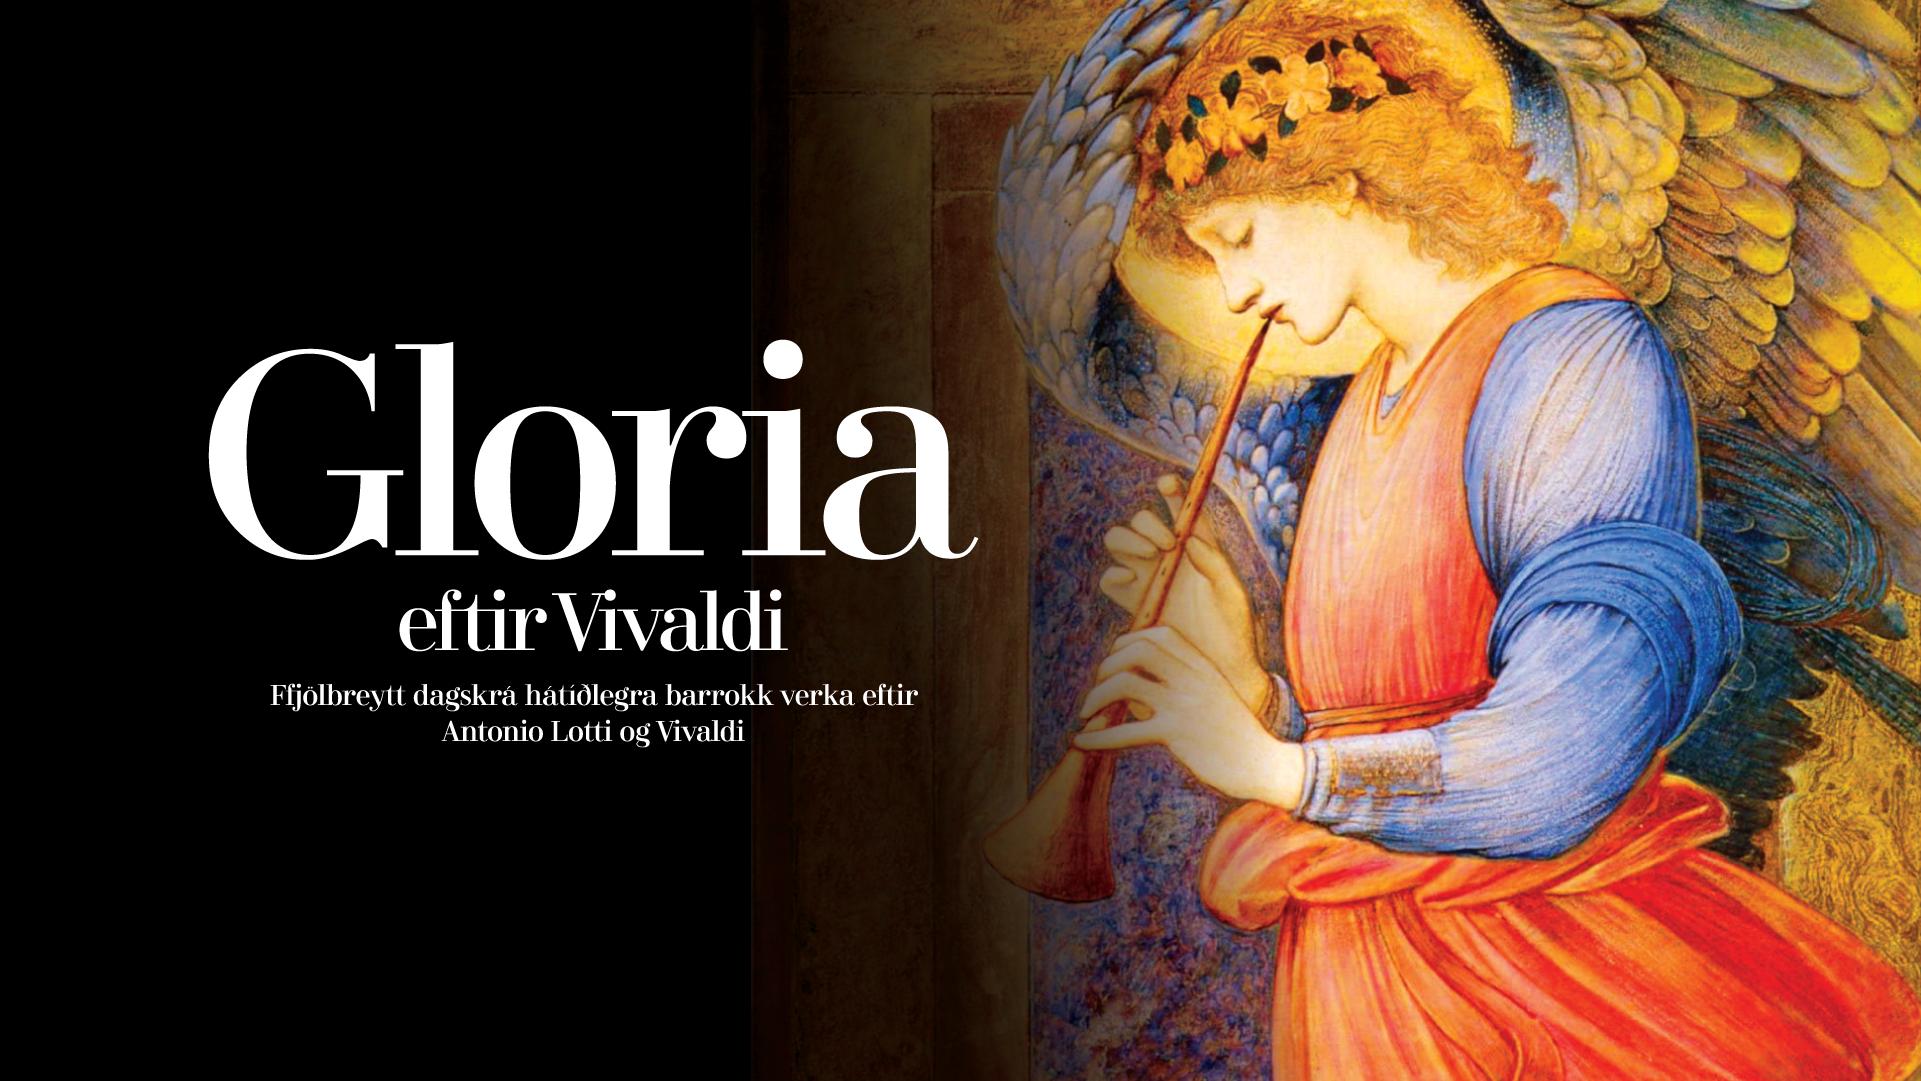 Gloria eftir Vivaldi á páskatónleikum Sinfóníuhljómsveitar Norðurlands í Hofi